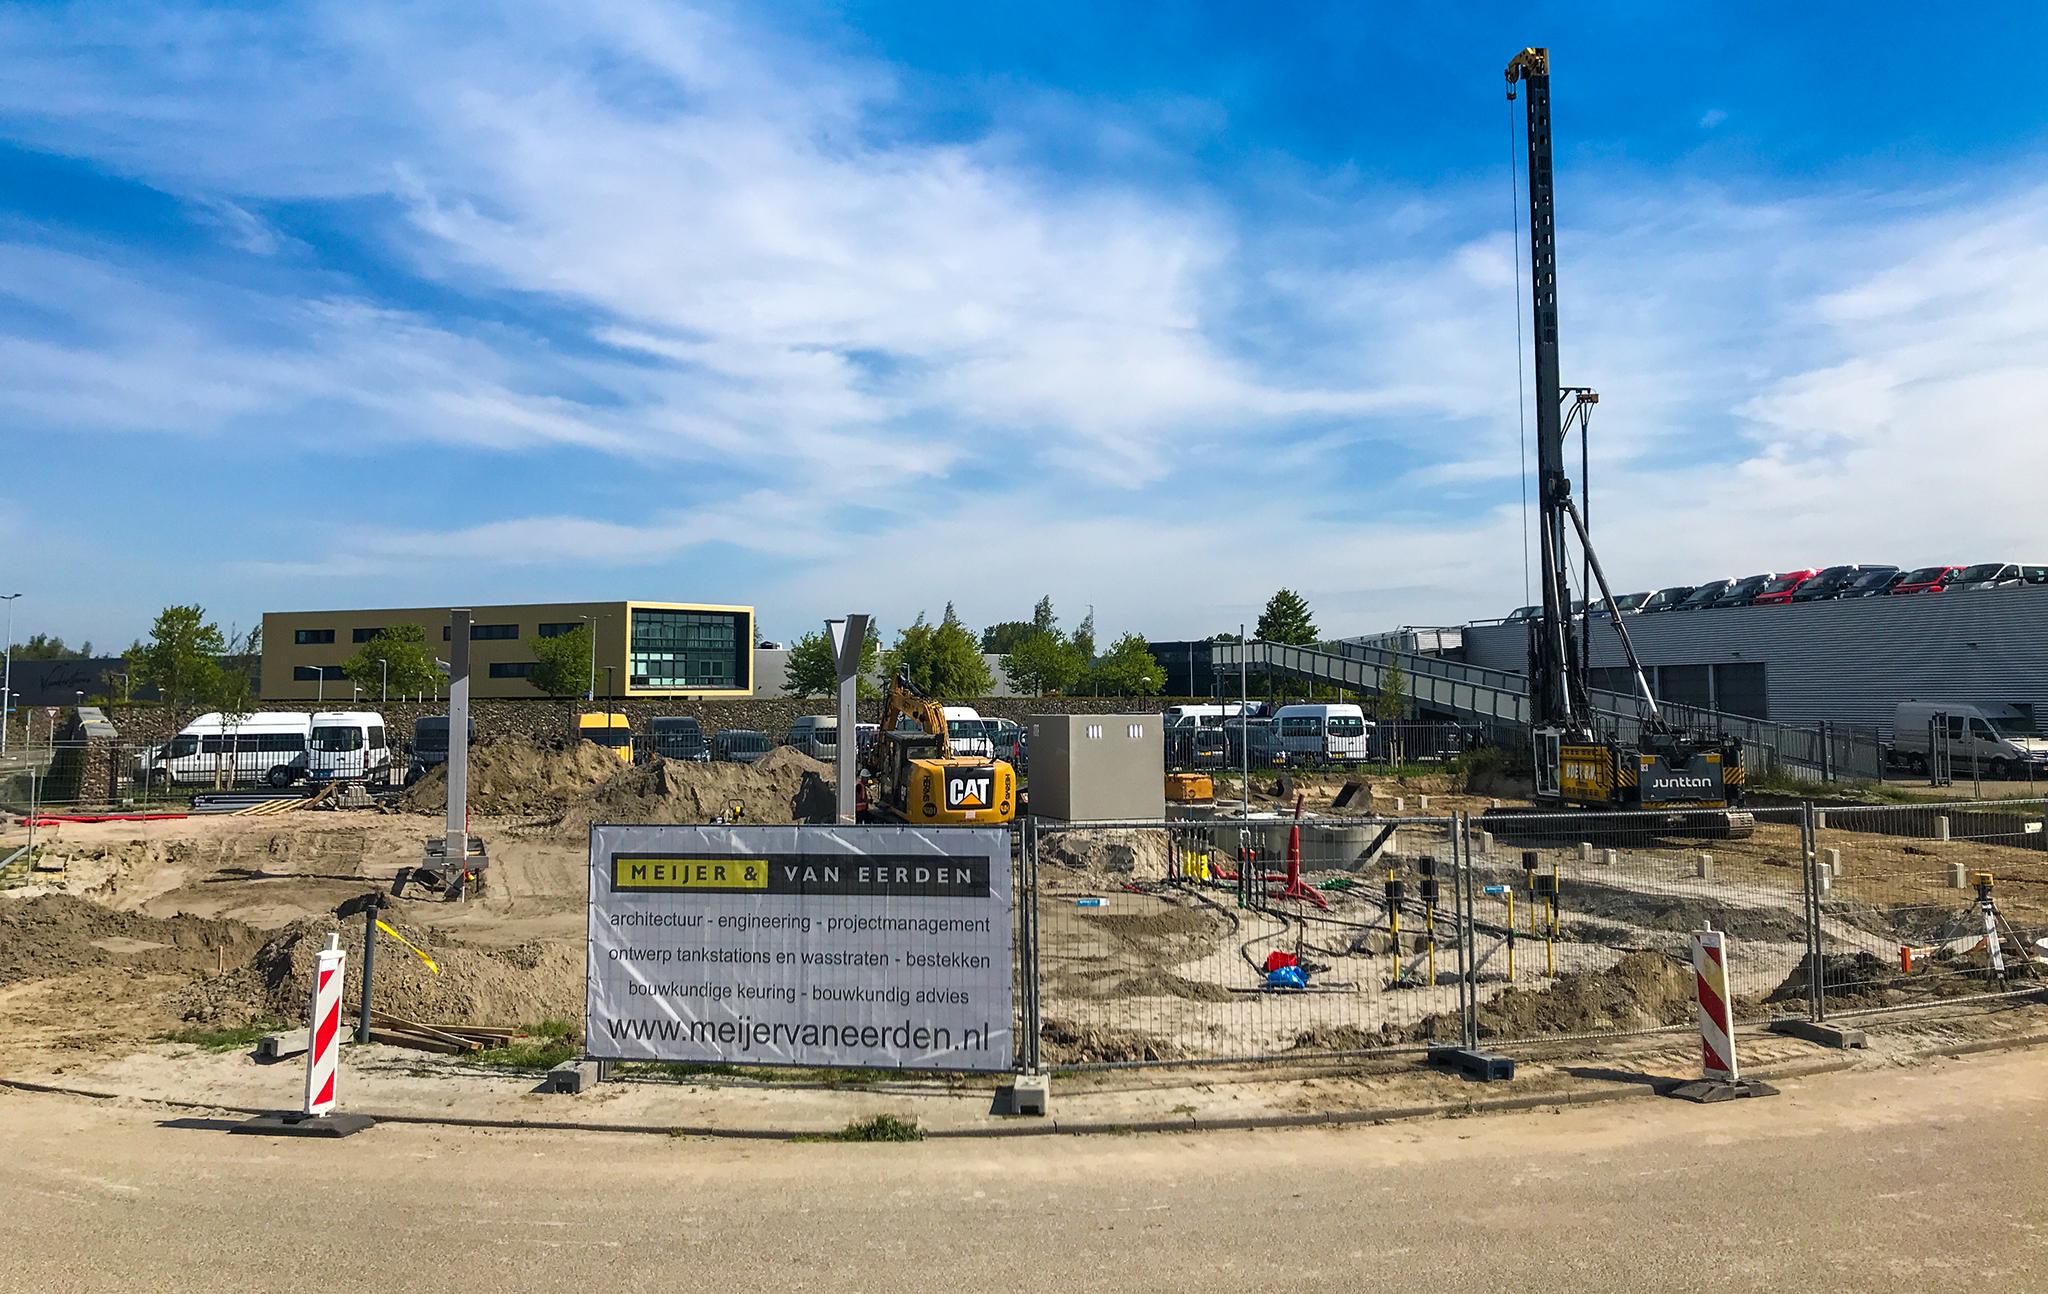 meijer-van-eerden-ingenieursbureau-kettingwasstraat-nieuwvennep